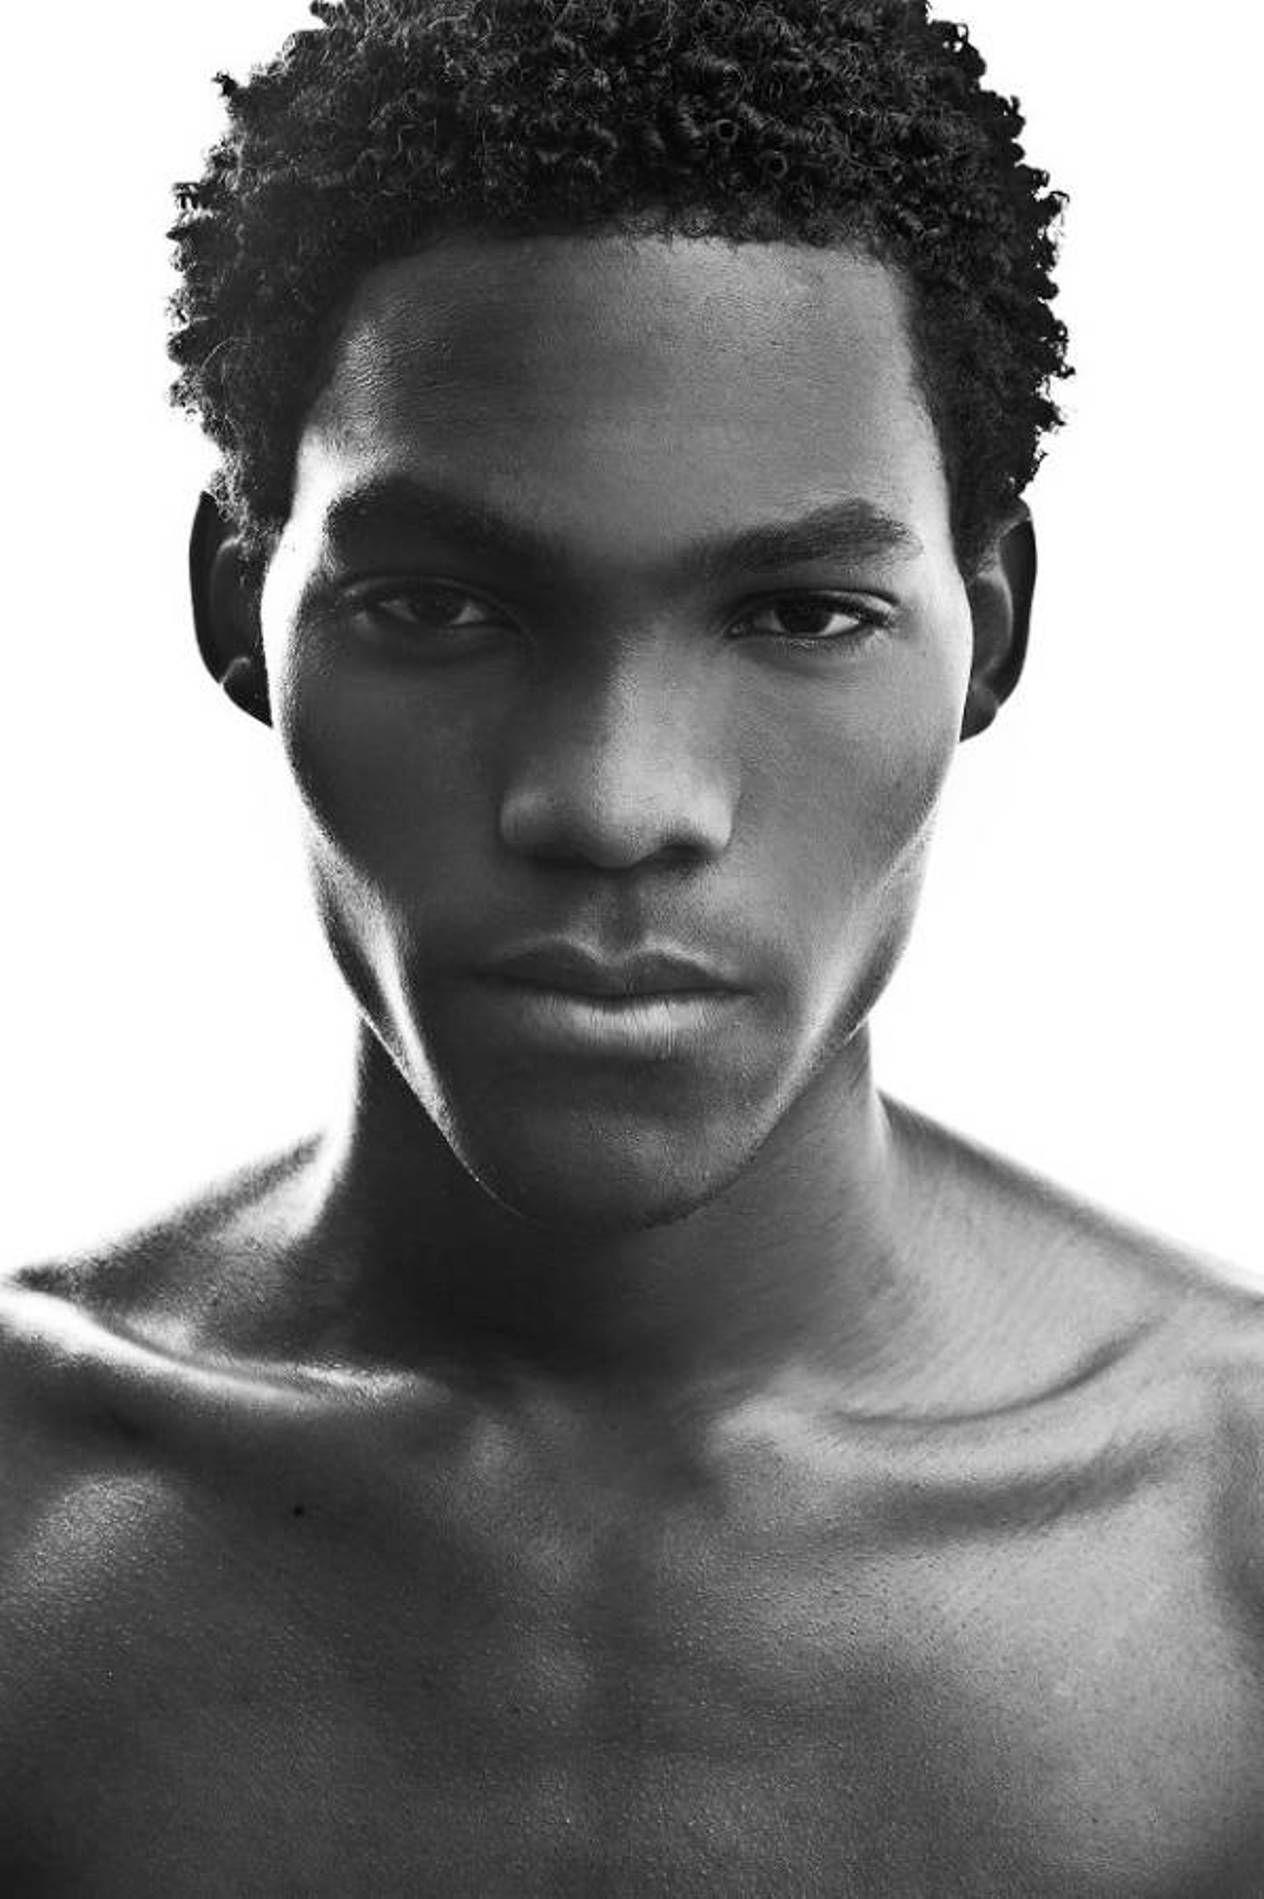 short afro black men hair styles